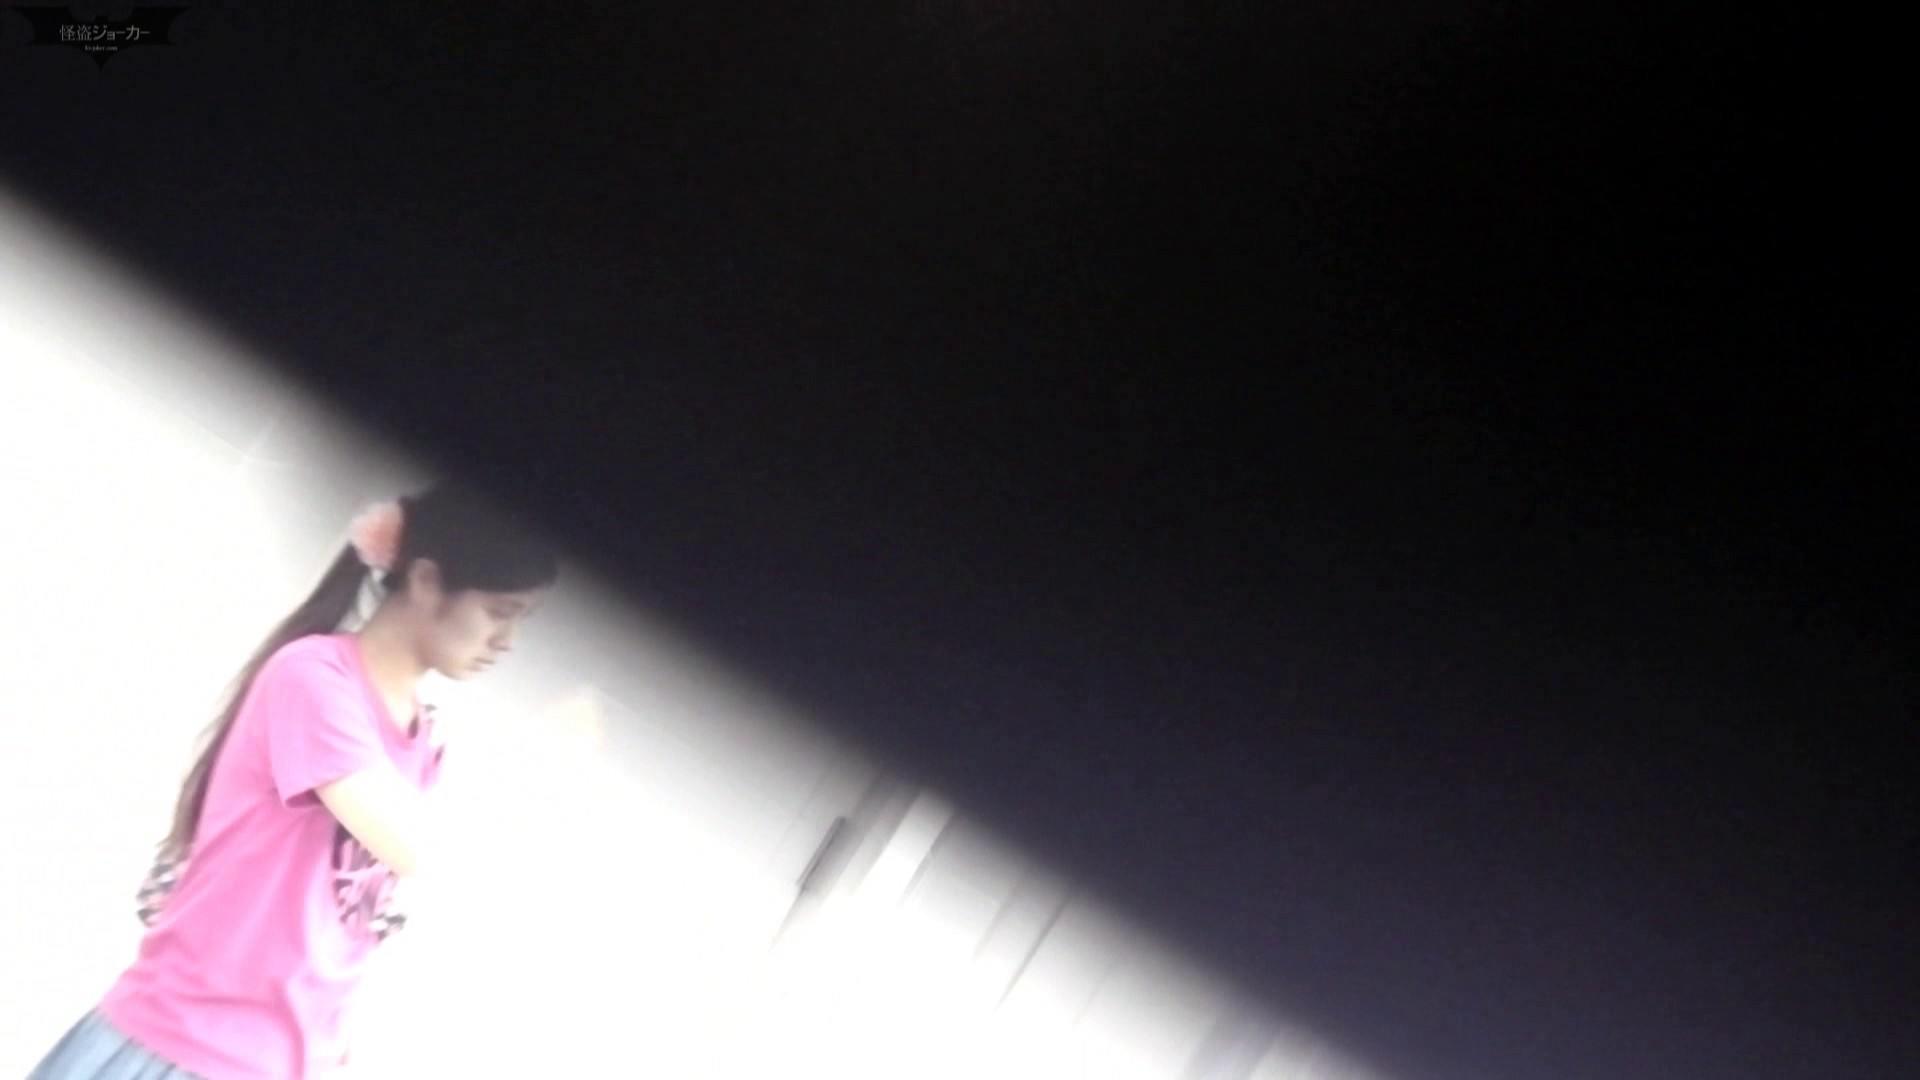 お銀 vol.68 無謀に通路に飛び出て一番明るいフロント撮り実現、見所満載 美人  103pic 19